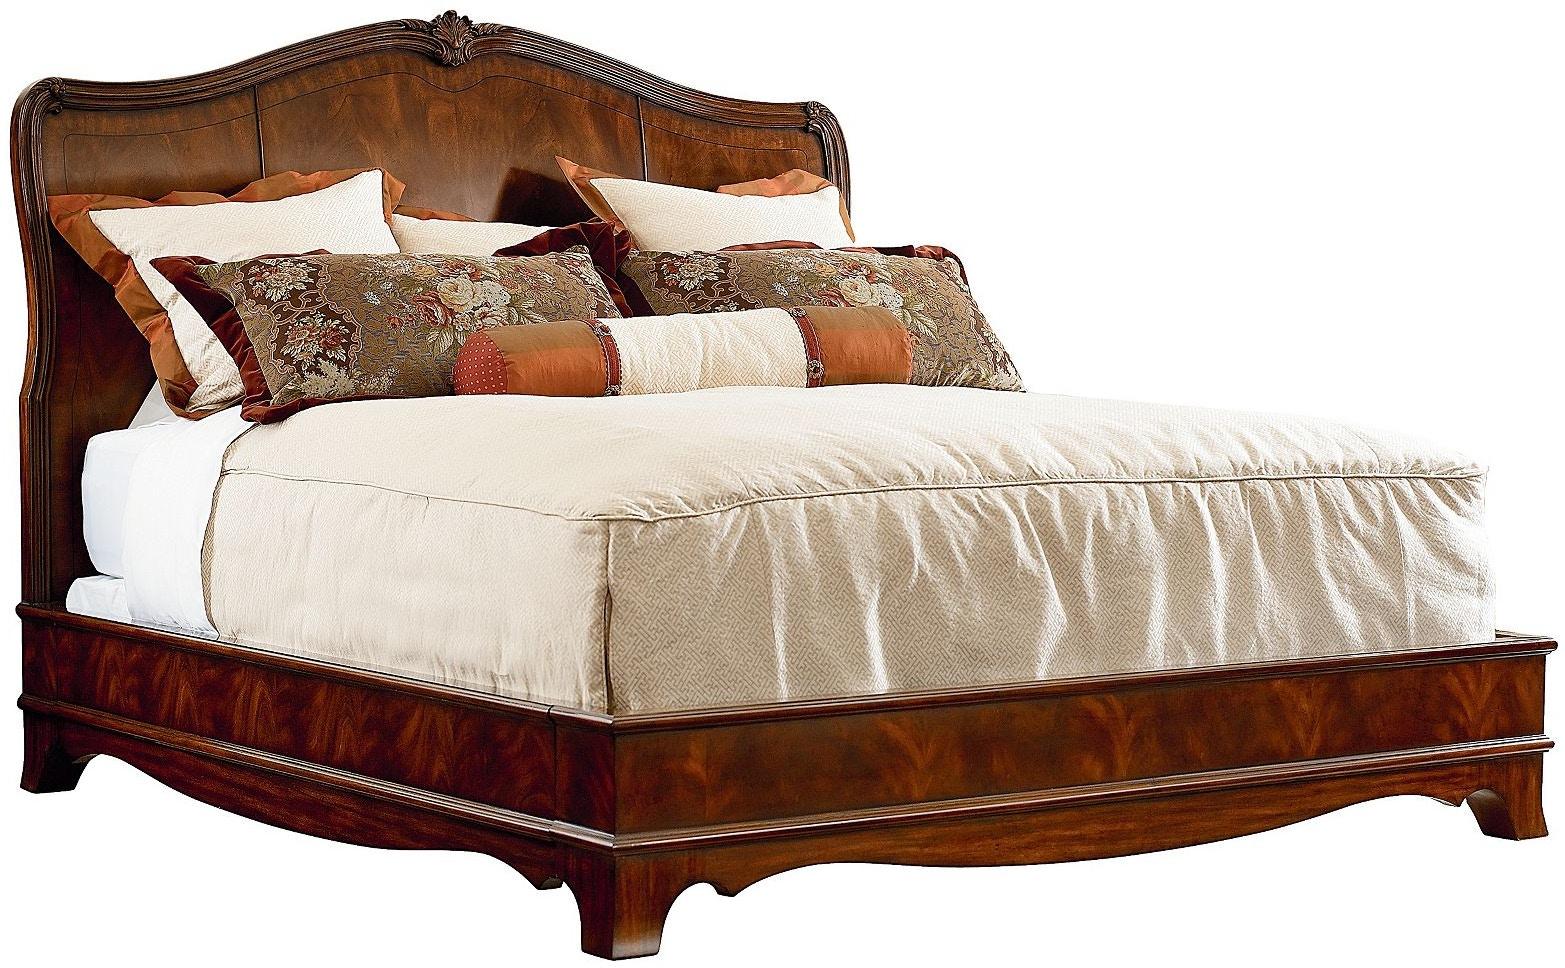 Henredon Furniture 9401-12HF-9401-12R-Bed-1 Bedroom Oxford ...